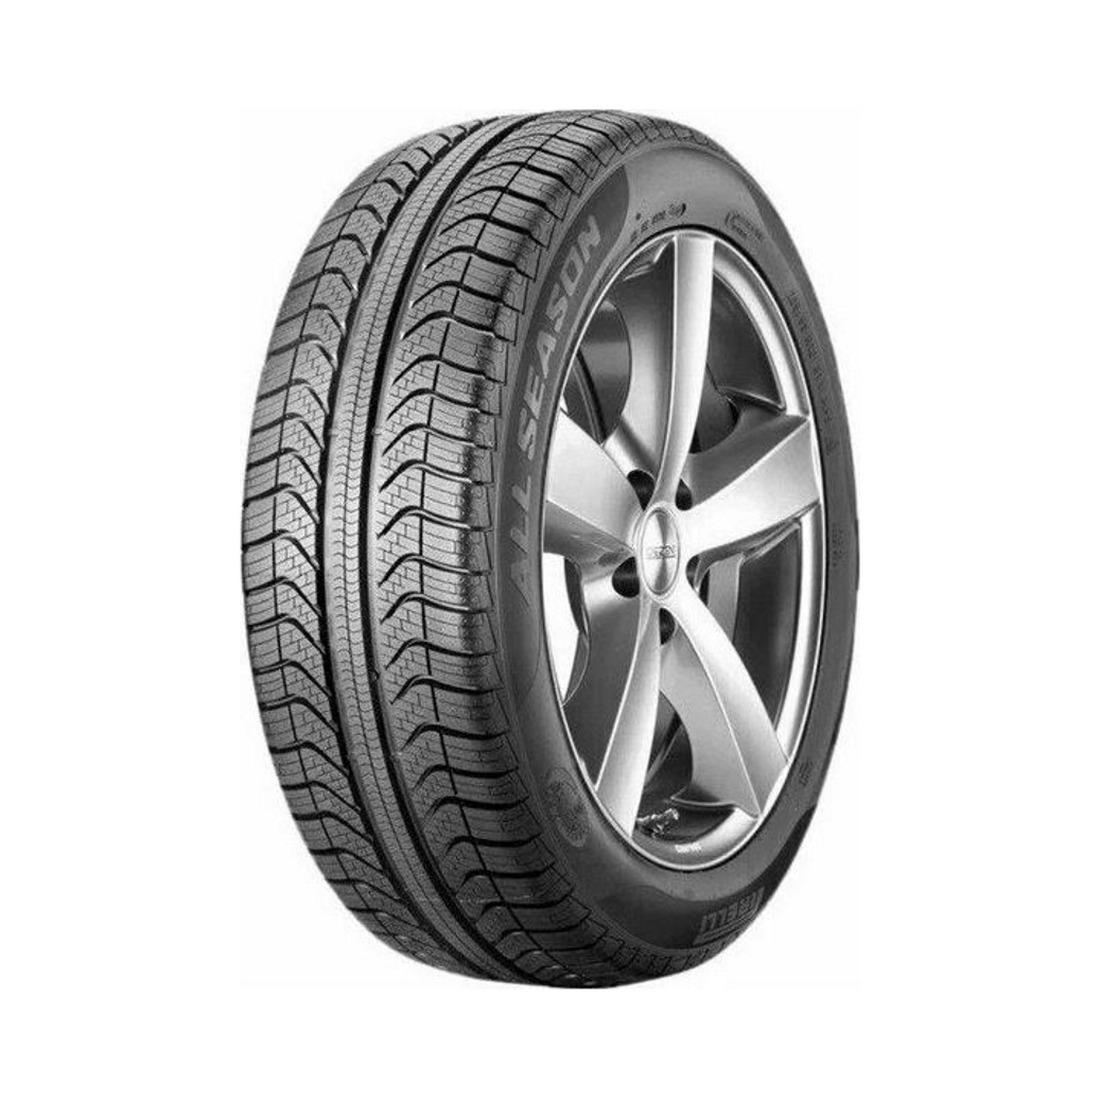 195/65  R15  Pirelli Cinturato AS+ 91H Уценка Вид 0